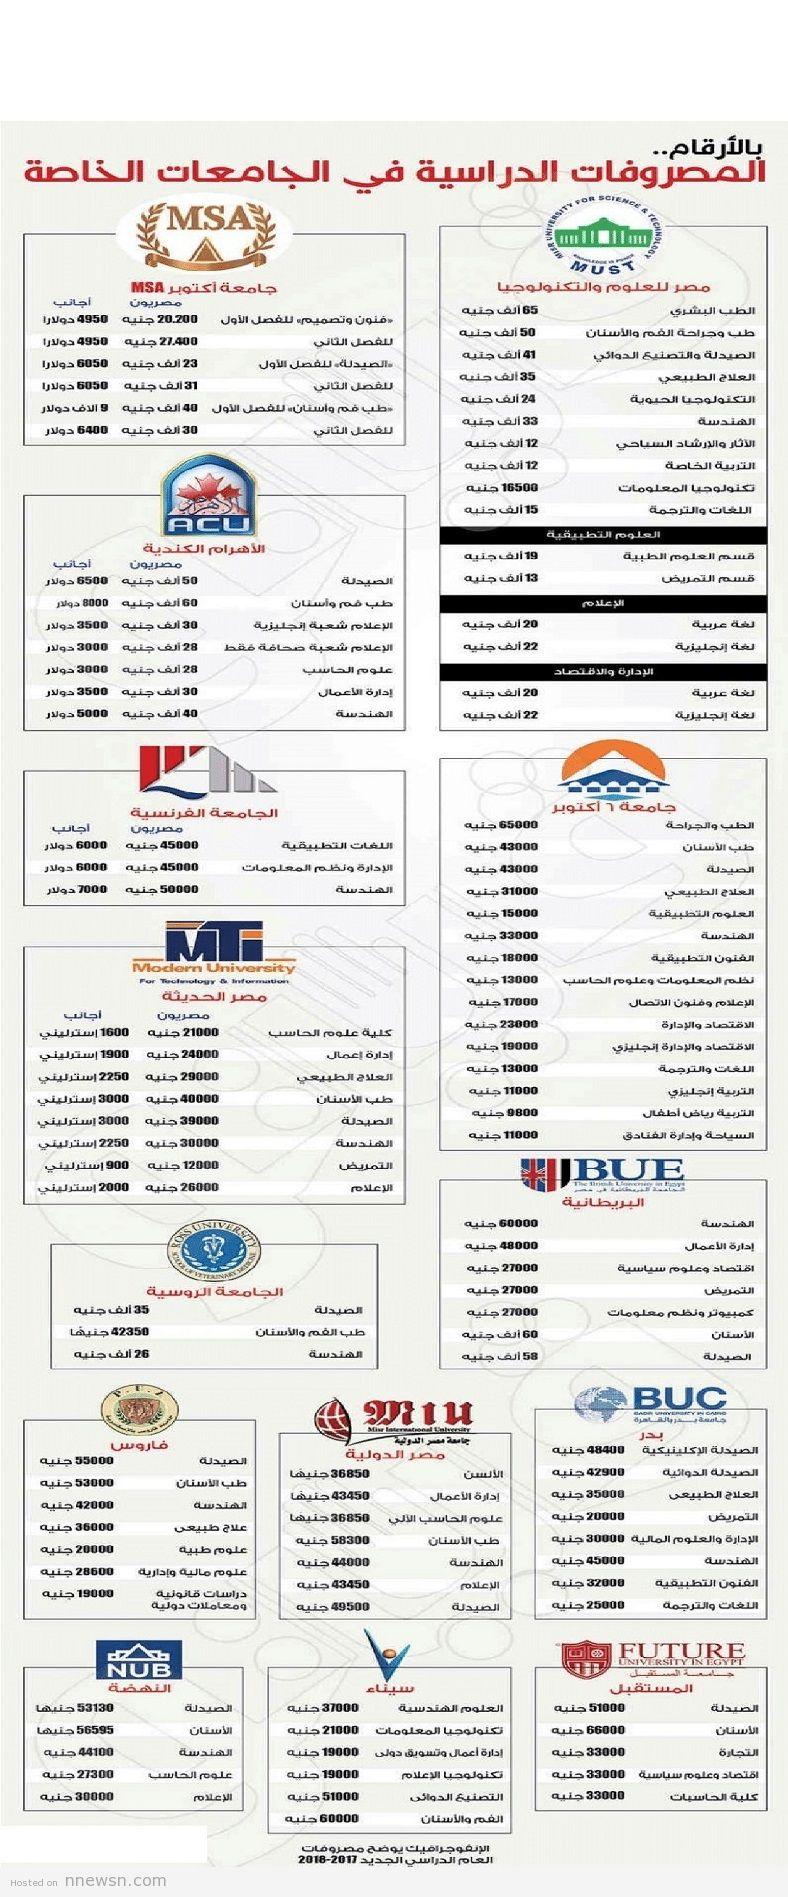 مصاريف الجامعات الخاصة مصروفات كليات الجامعات الخاصة في مصر 2017